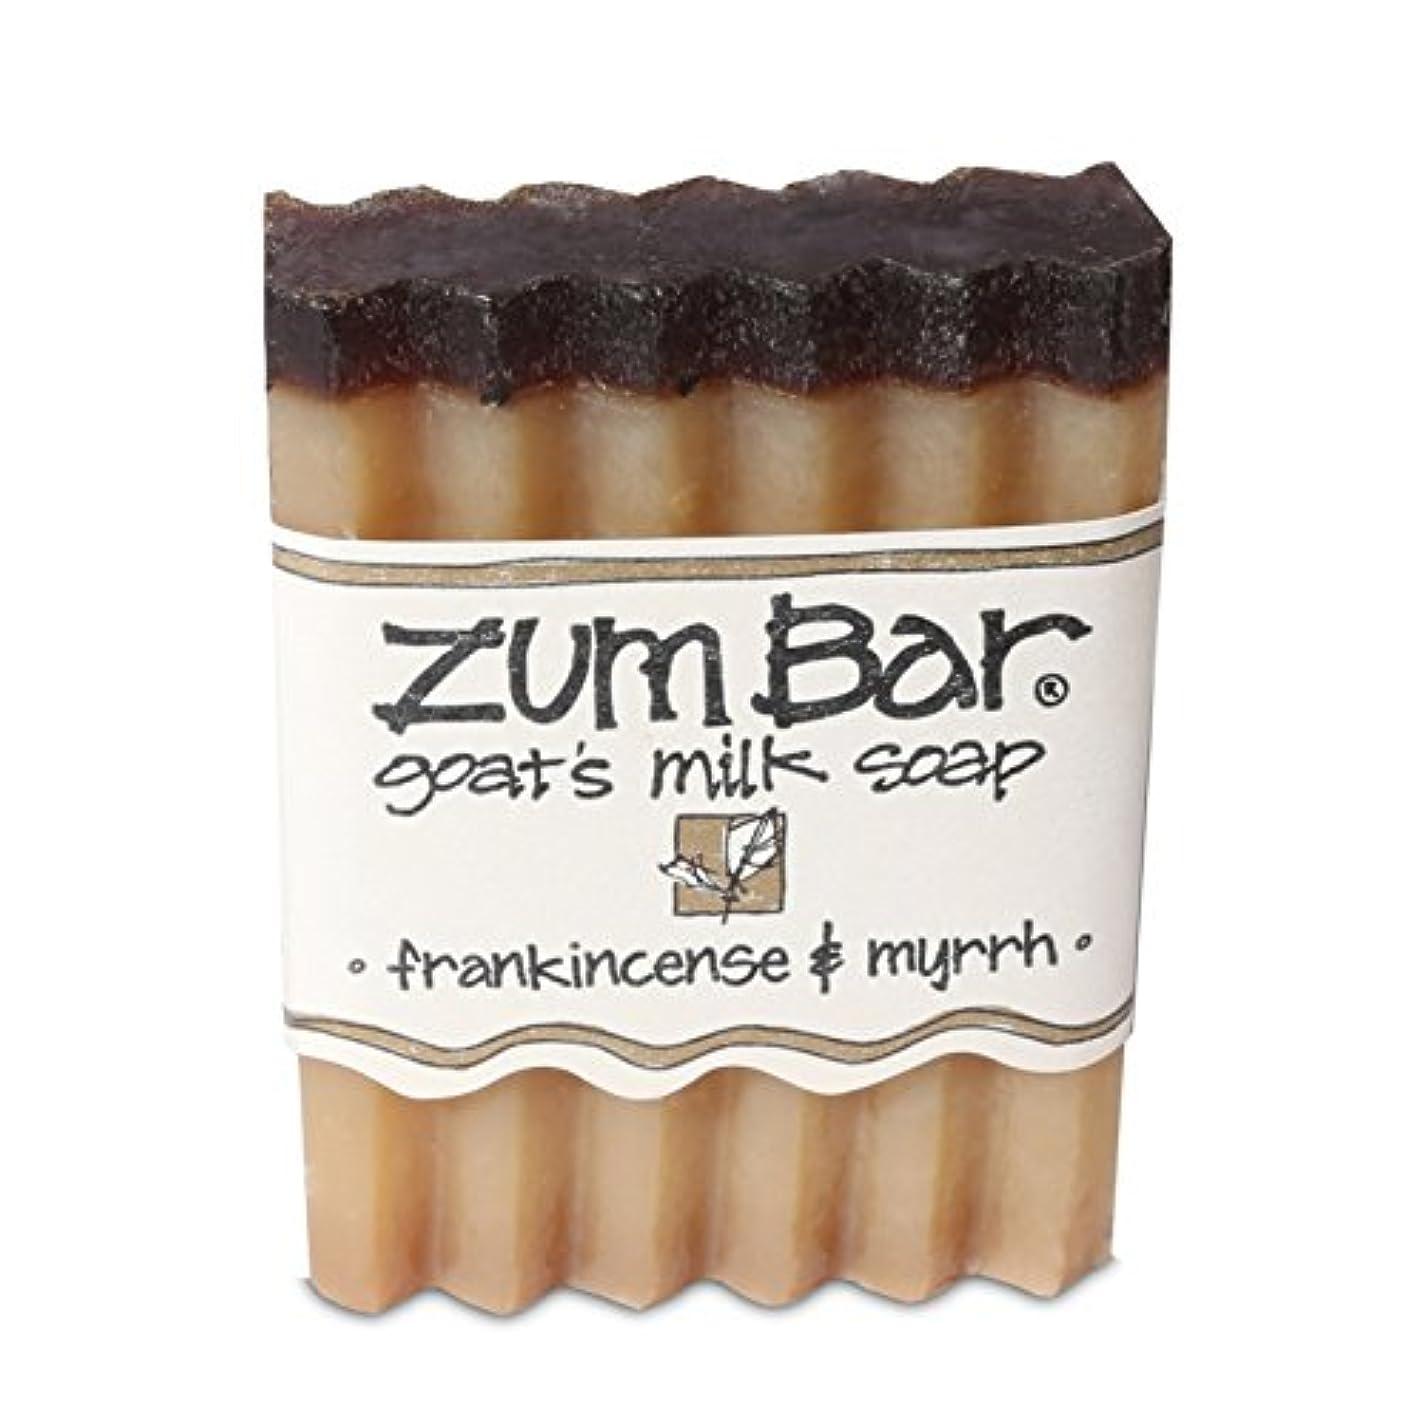 レイ絶対のトラック海外直送品 Indigo Wild, Zum Bar, Goat's ミルク ソープ フランキンセンス&ミルラ, 3 Ounces (2個セット) (Frankincense & Myrrh) [並行輸入品]